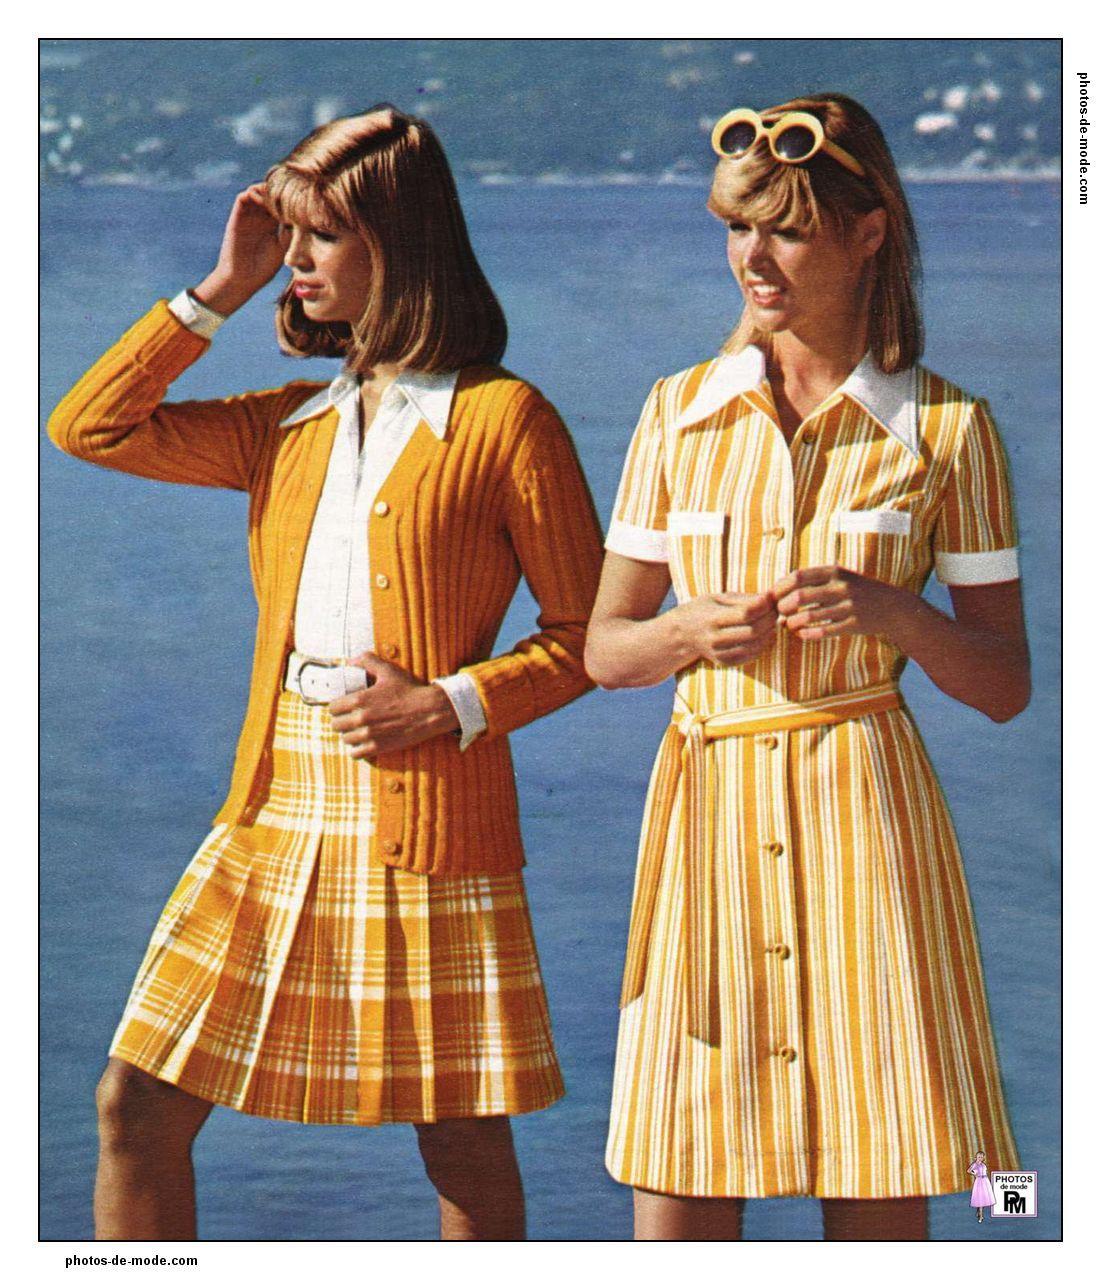 ann es 70 1973 vintage dress 70 39 s mode ann e 70 vetement annee 70 et mode des ann es 1970. Black Bedroom Furniture Sets. Home Design Ideas